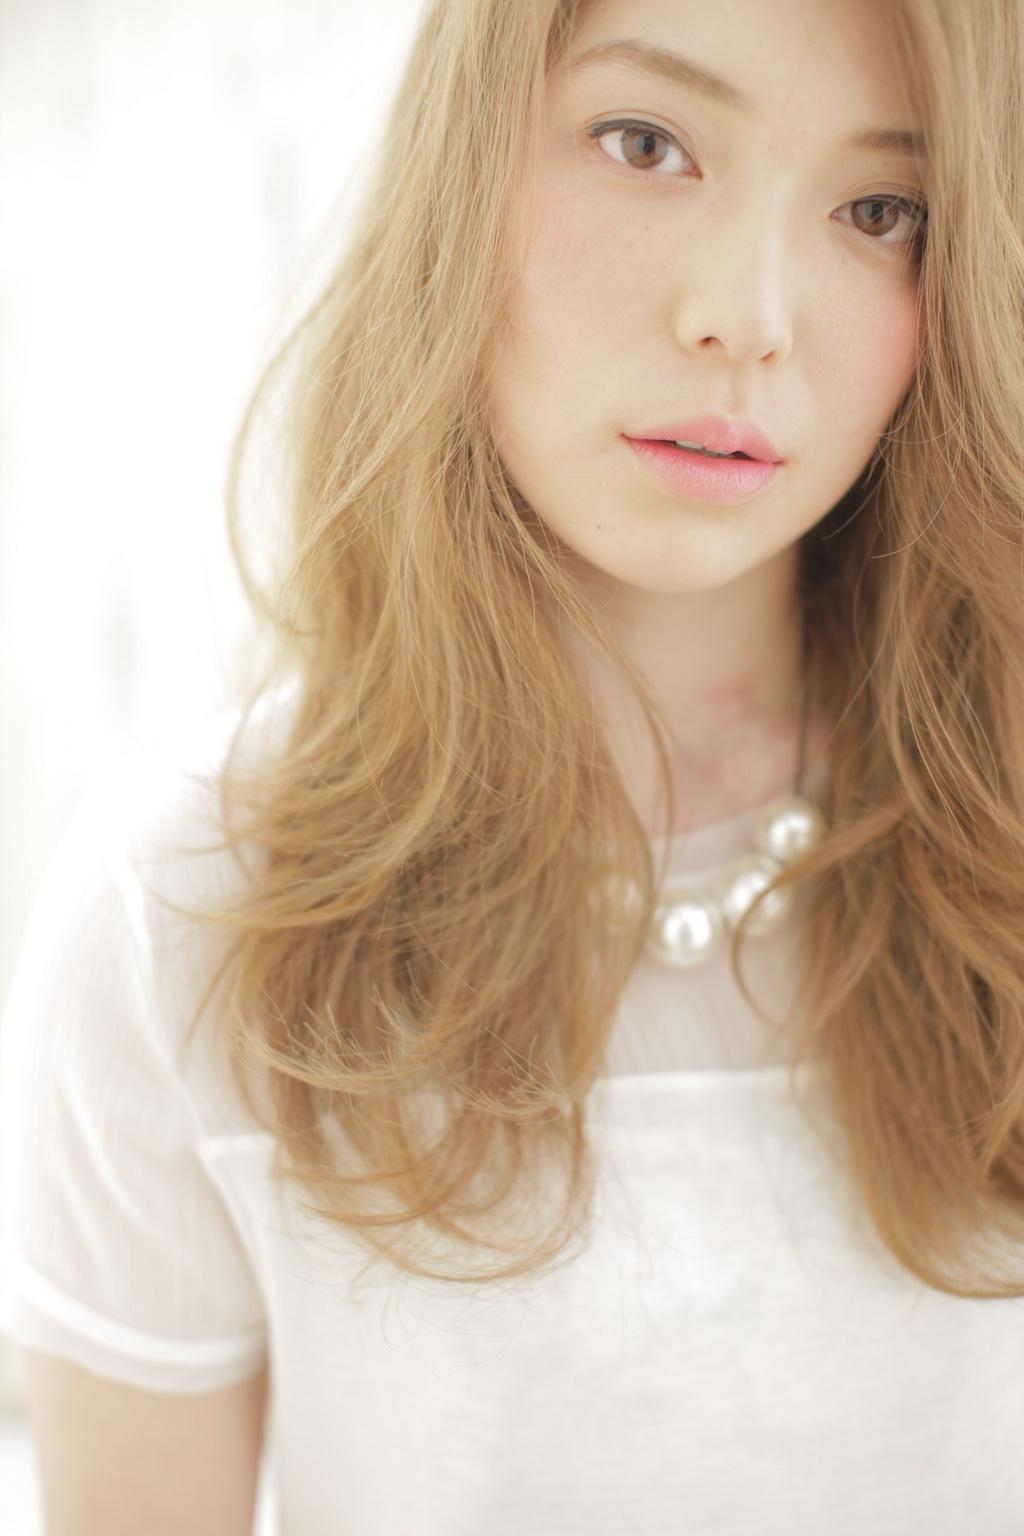 秋冬は柔らかベージュの髪色で女性らしさをアップさせちゃおう!のサムネイル画像